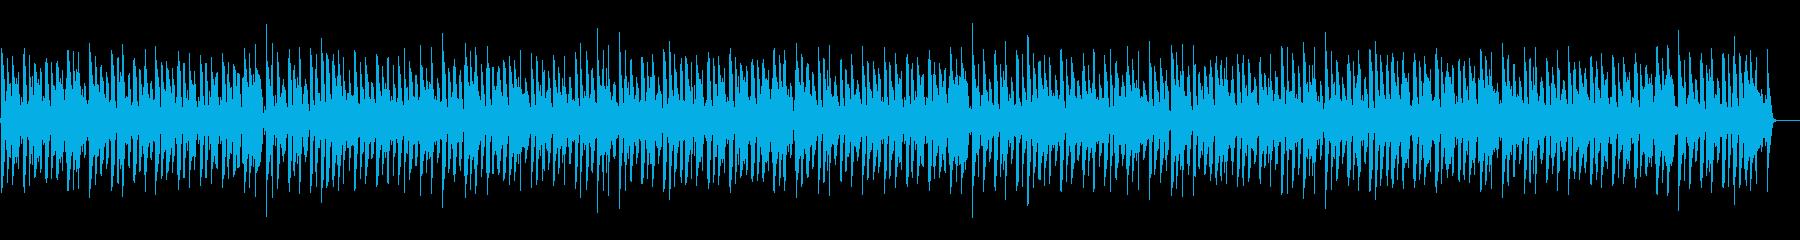 ほのぼの脱力系「ジングルベル」の再生済みの波形